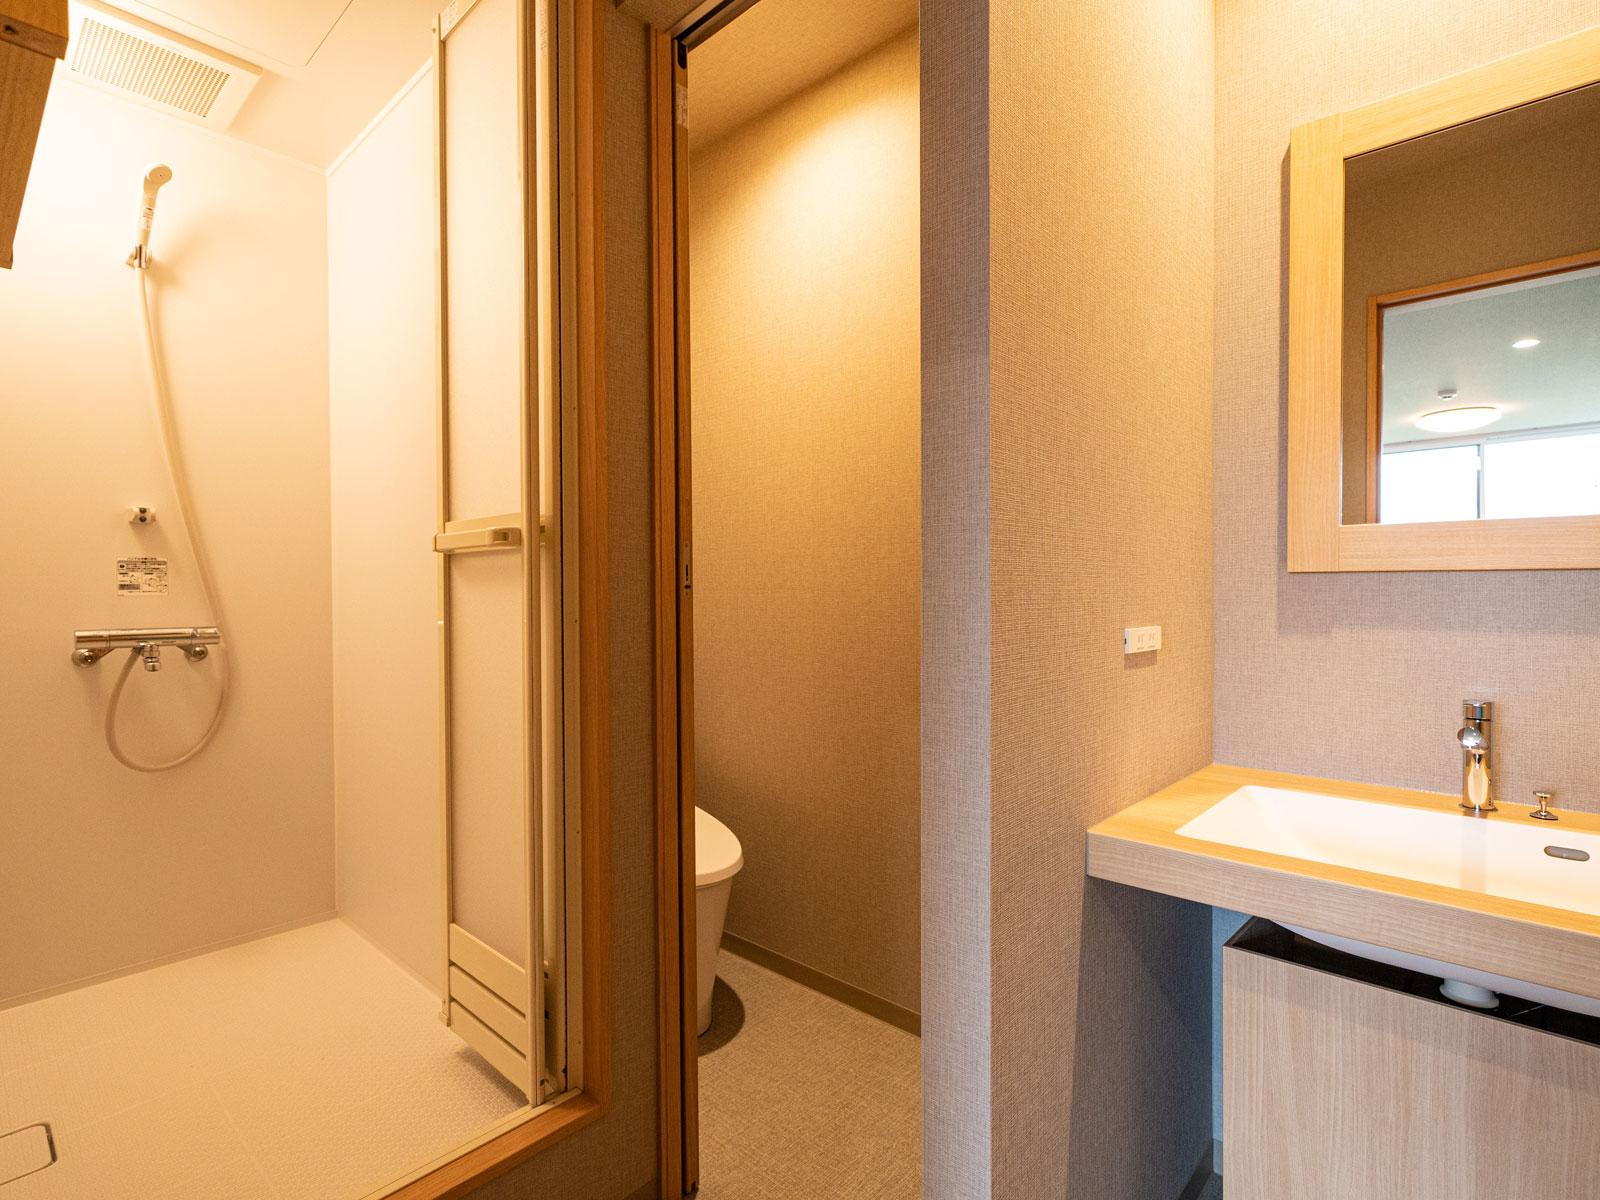 洗面所/トイレ/シャワールーム